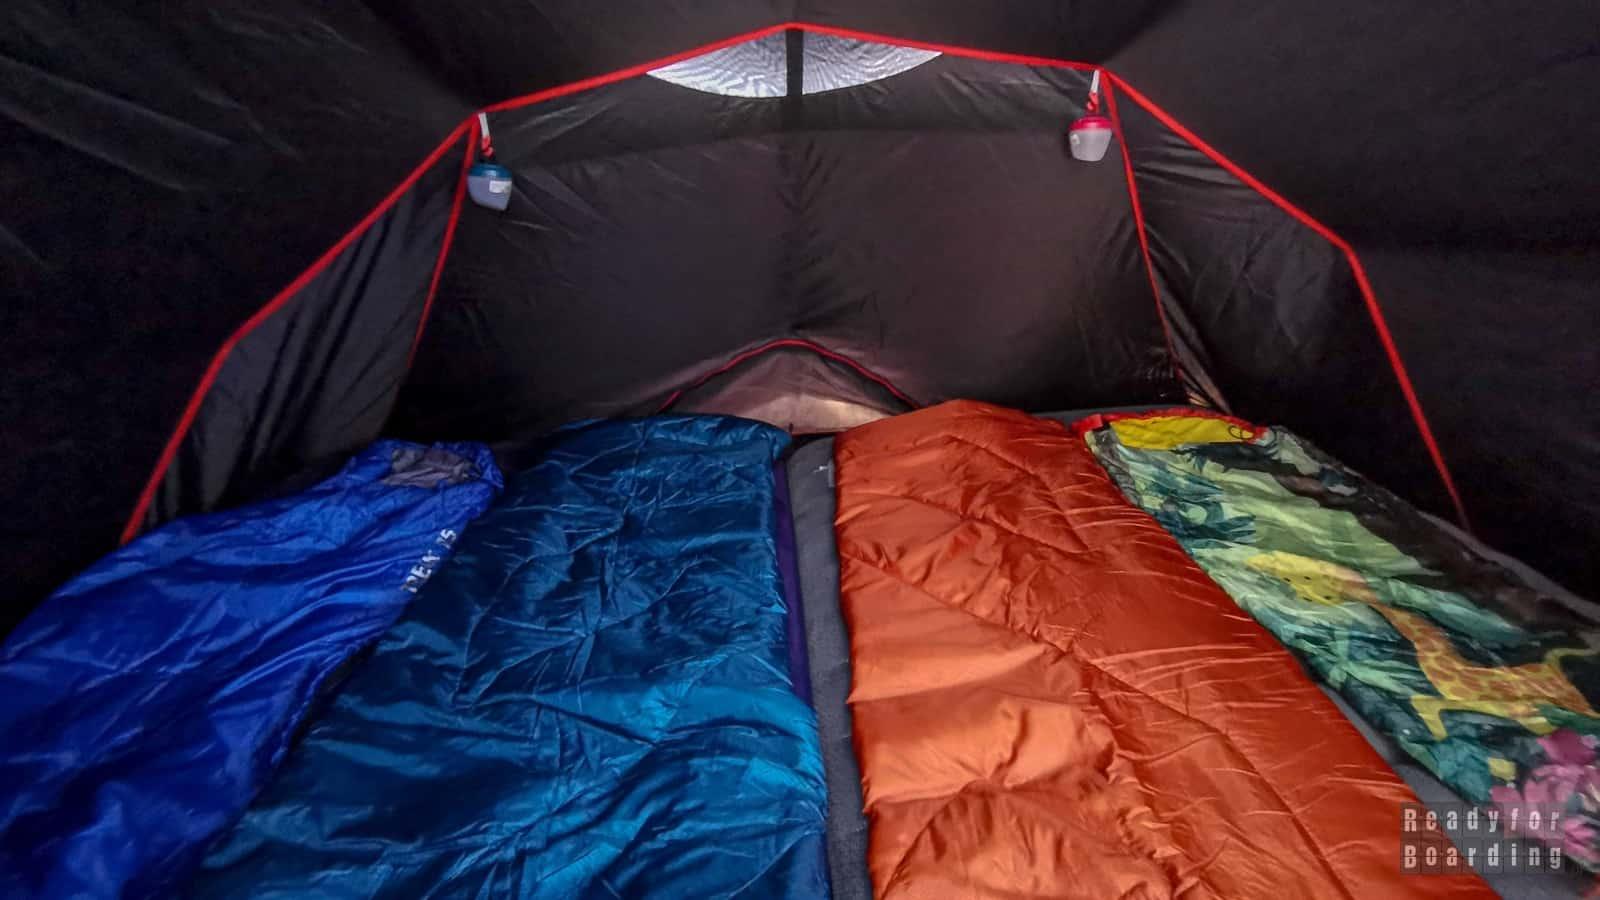 Niezapomniany nocleg pod namiotem, czyli super śpiwór dla